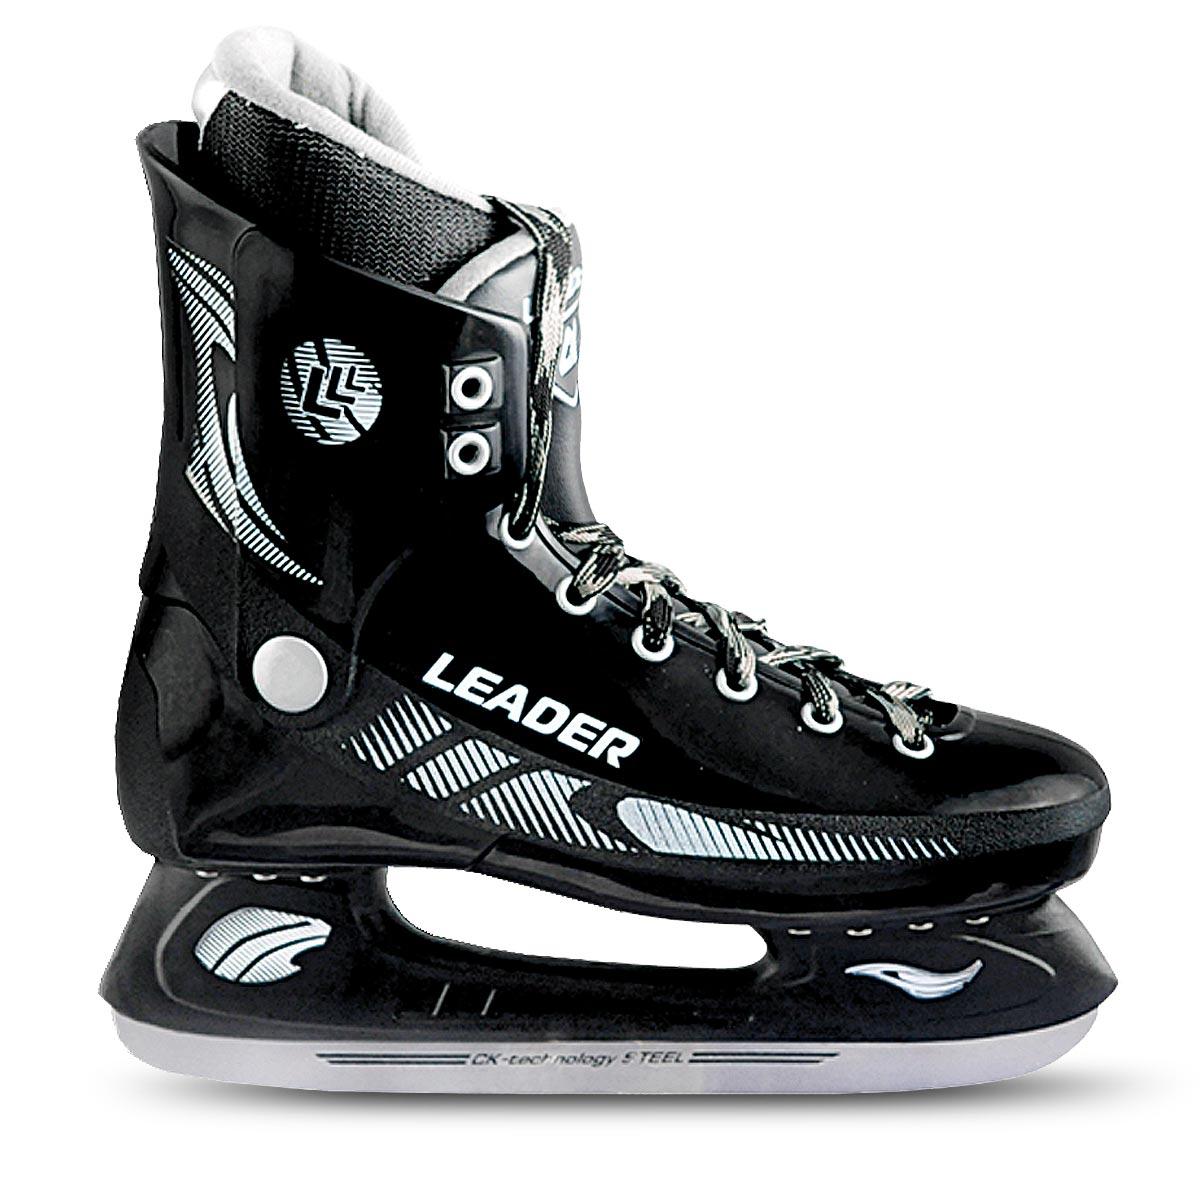 Коньки хоккейные мужские CK Leader, цвет: черный. Размер 41LEADER_черный_41Стильные коньки от CK Master Leader с ударопрочной защитной конструкцией отлично подойдут для начинающих обучаться катанию. Ботинки изготовлены из морозостойкого полимера, который защитит ноги от ударов. Верх изделия оформлен классической шнуровкой, надежно фиксирующей голеностоп. Сапожок, выполненный из комбинации капровелюра и искусственной кожи, оформлен принтом и тиснением в виде логотипа бренда. Внутренняя поверхность, дополненная утеплителем, и стелька исполнены из текстиля. Фигурное лезвие изготовлено из нержавеющей углеродистой стали со специальным покрытием, придающим дополнительную прочность. Усиленная двух-стаканная рама декорирована с одной из боковых сторон оригинальным принтом. Стильные коньки придутся вам по душе.